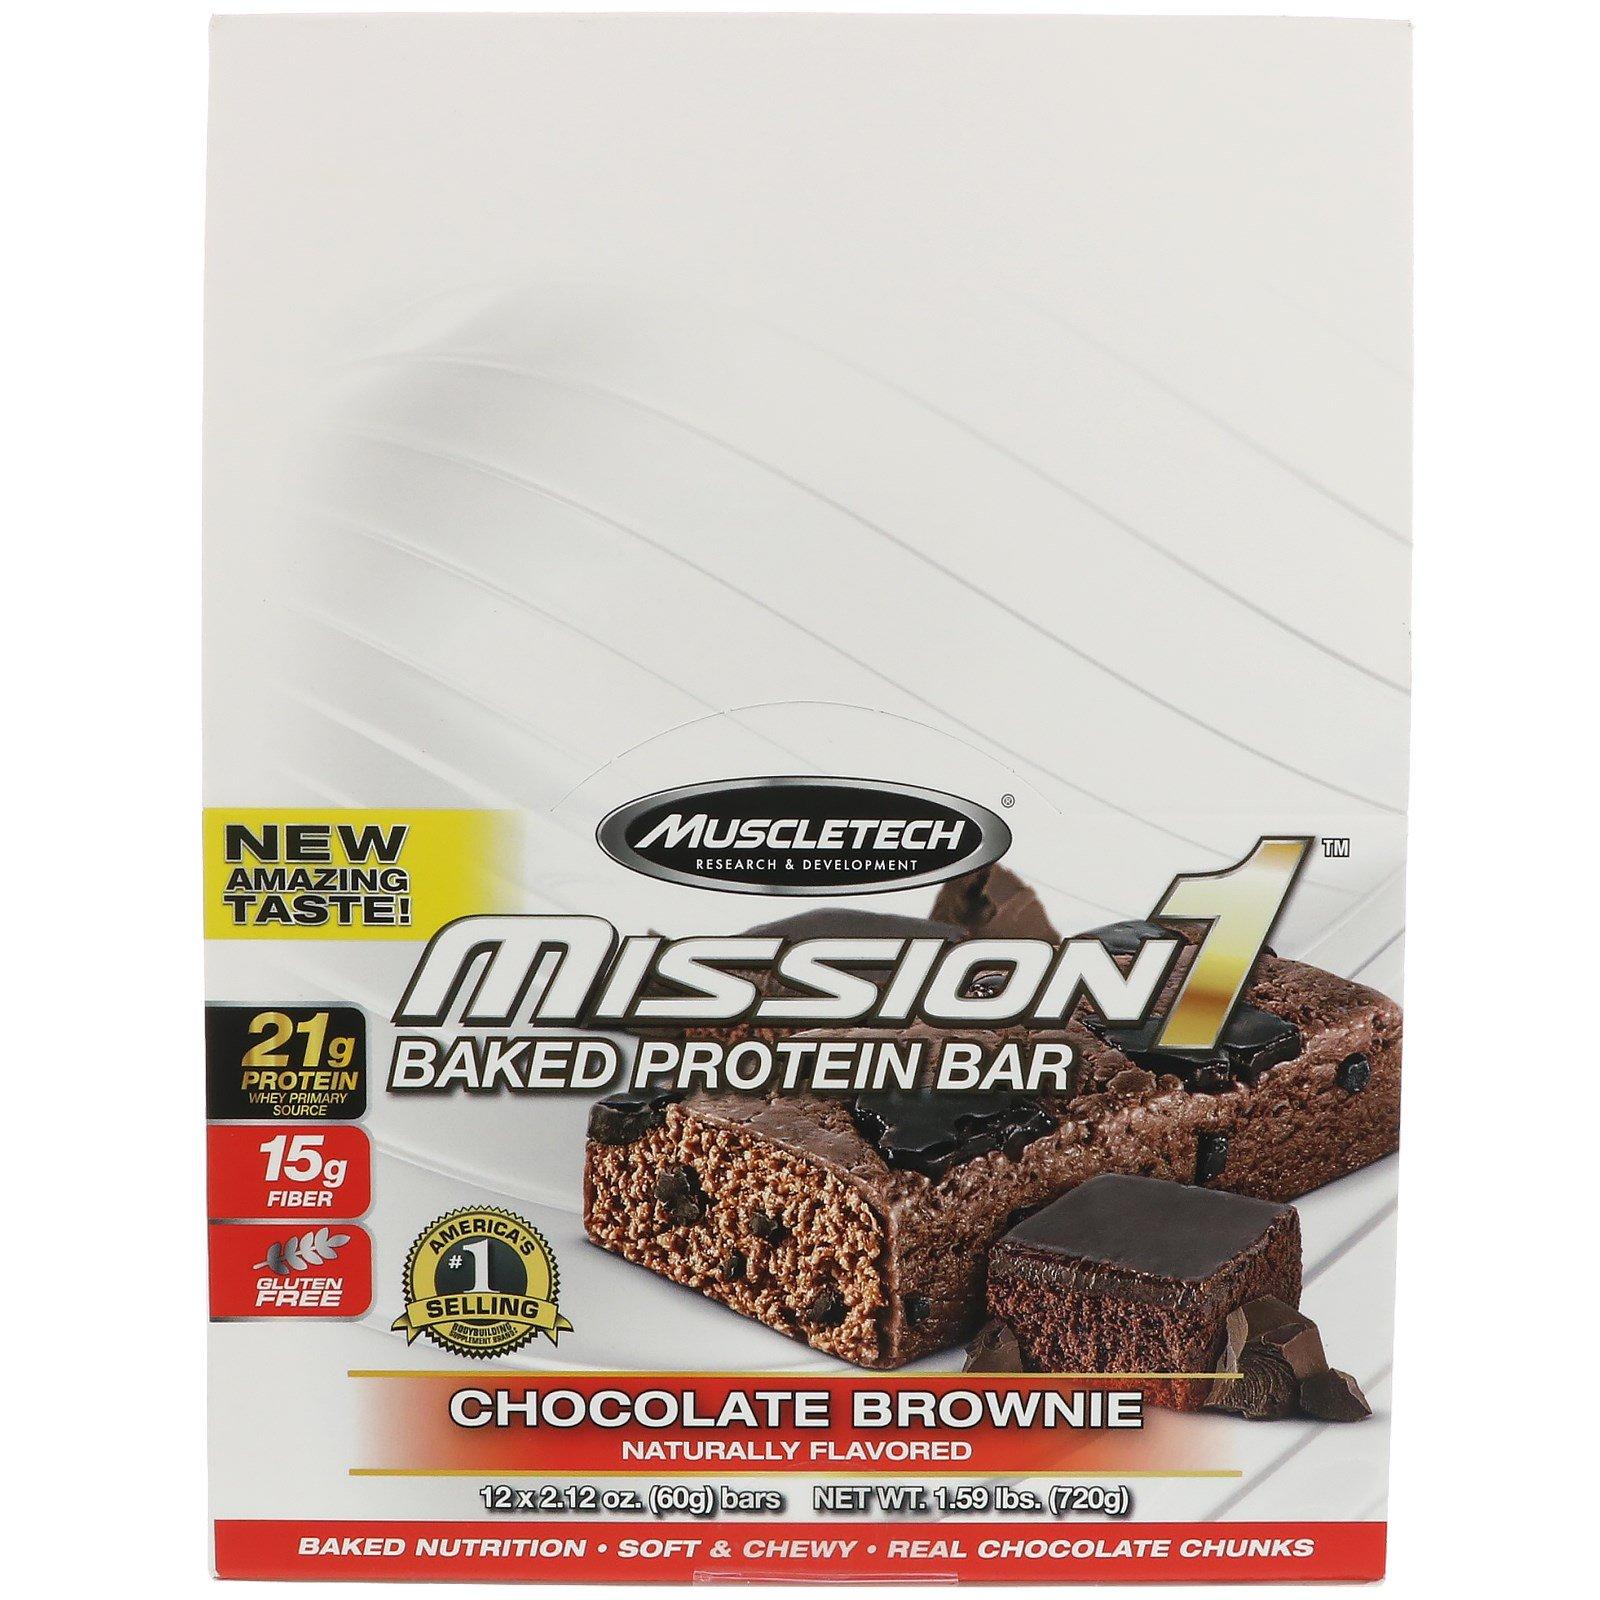 Muscletech, Mission1 запеченный протеиновый батончик, шоколадный кекс, 12 батончиков, 2,12 унции каждый (60 г)